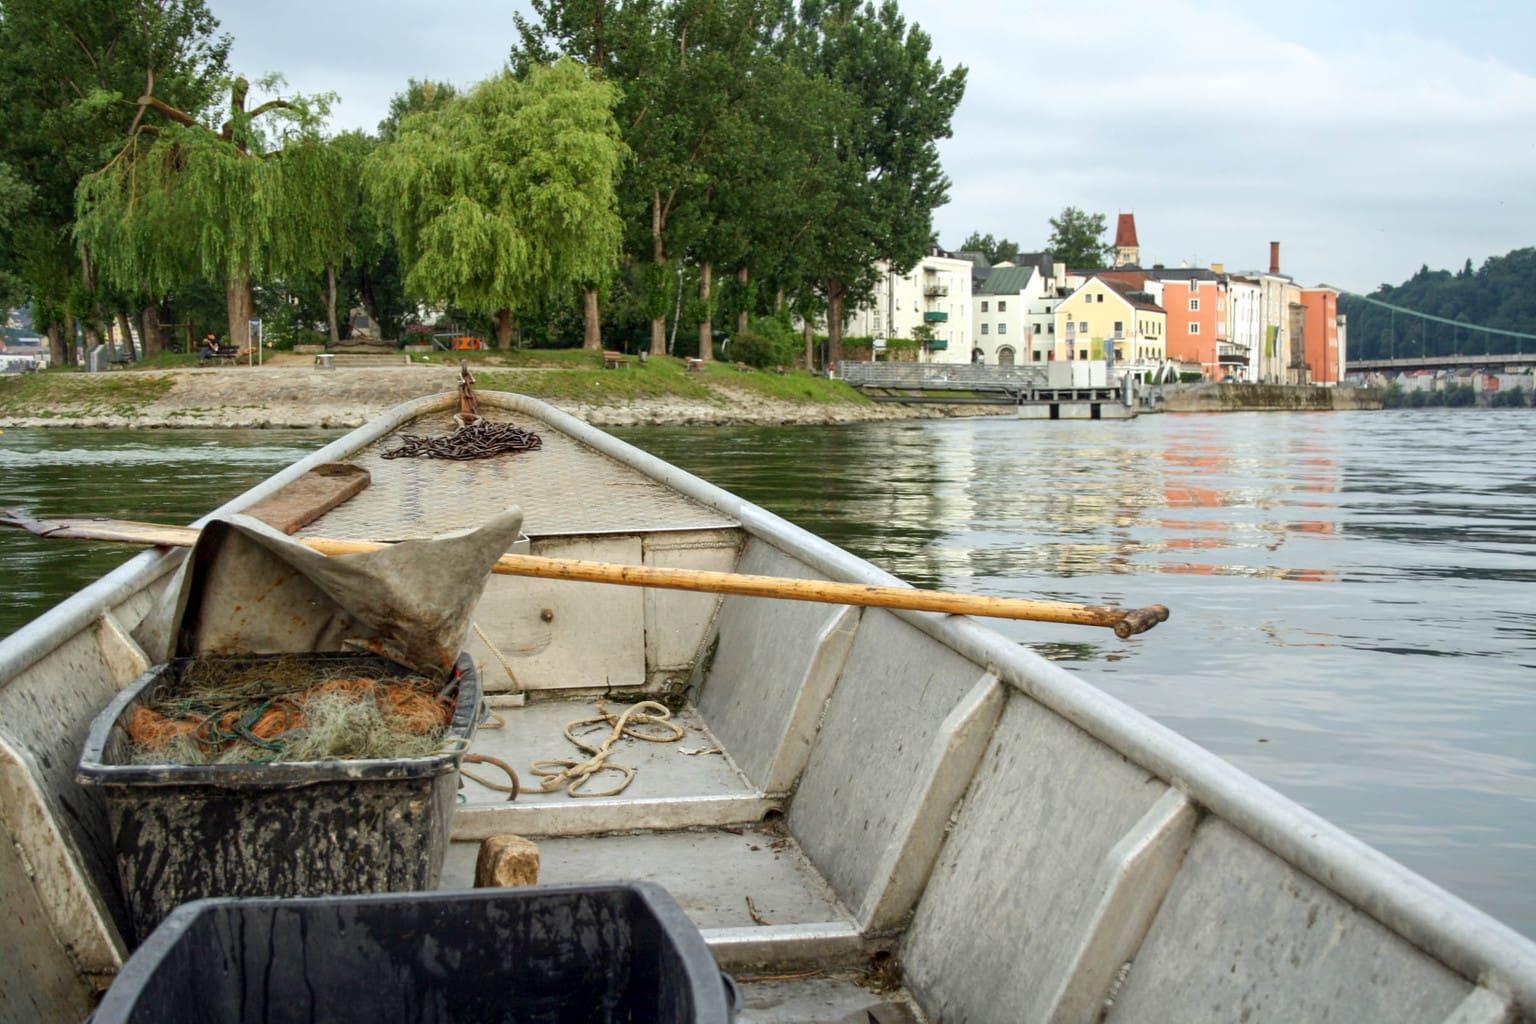 Apostelvissers op de Donau in Passau in de Duitse deelstad Beieren